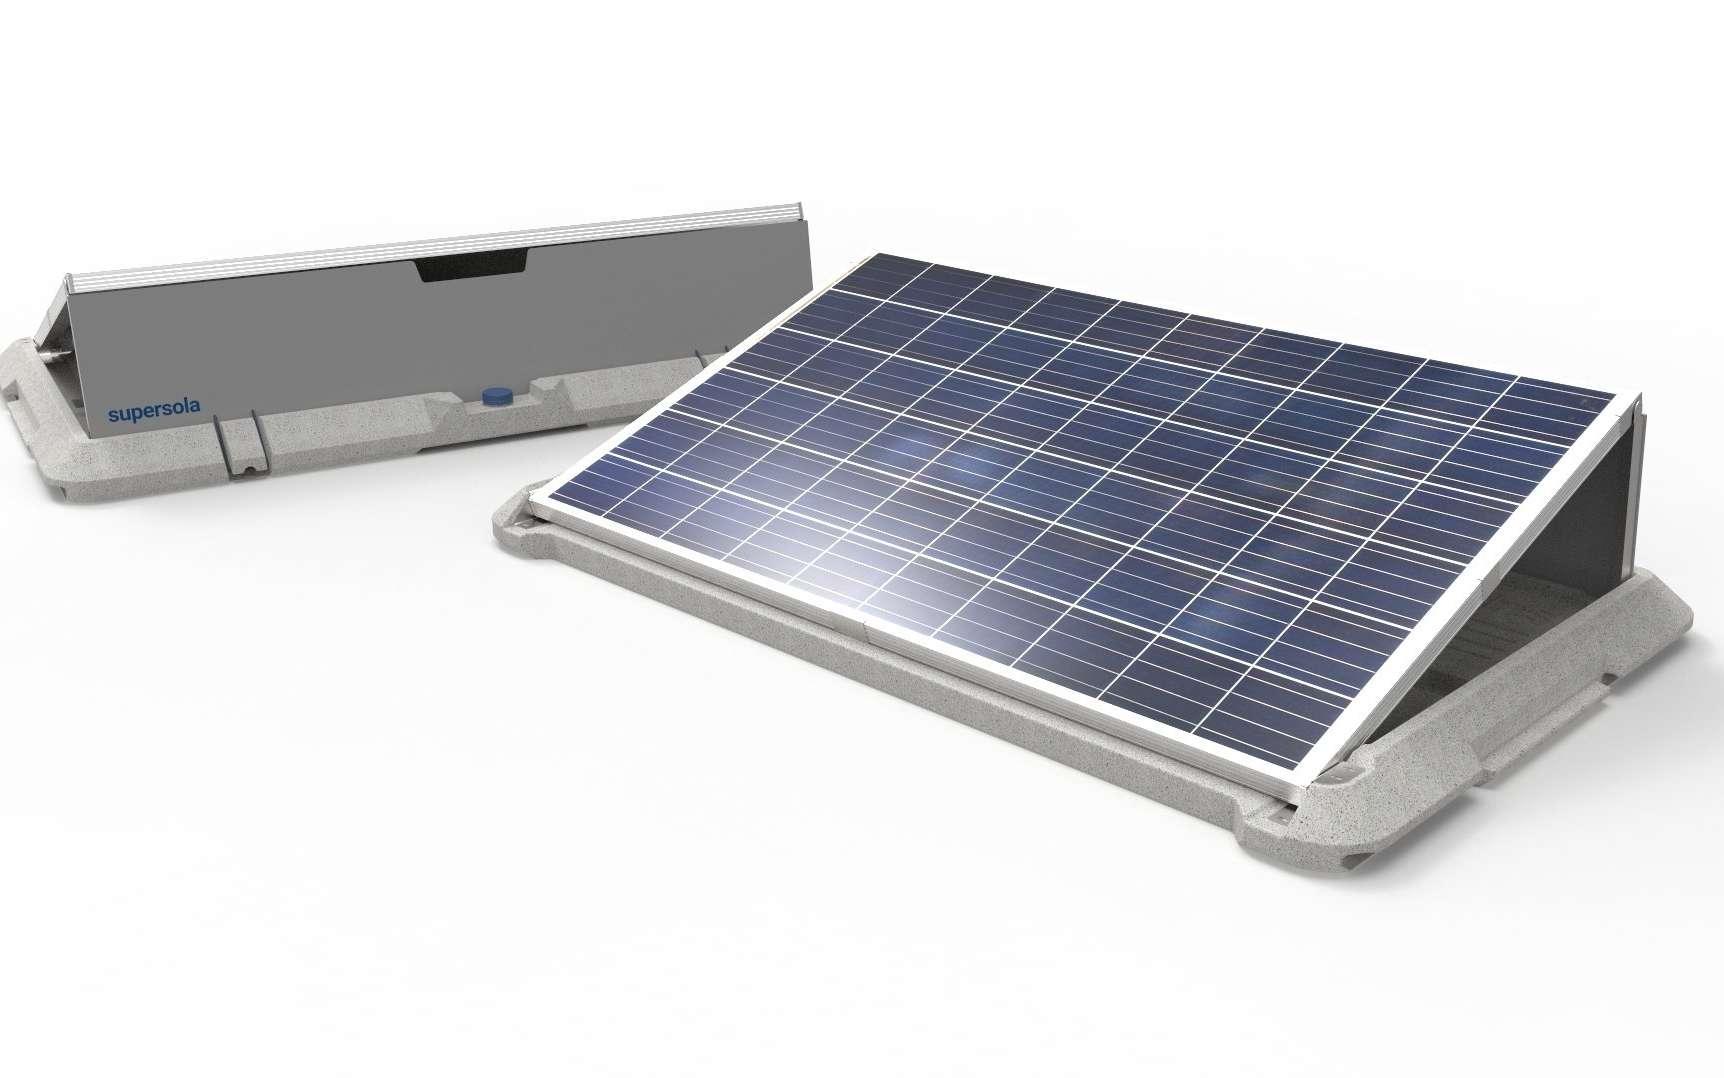 Le panneau solaire transportable Supersola occupe une surface d'environ 2 m². © Supersola